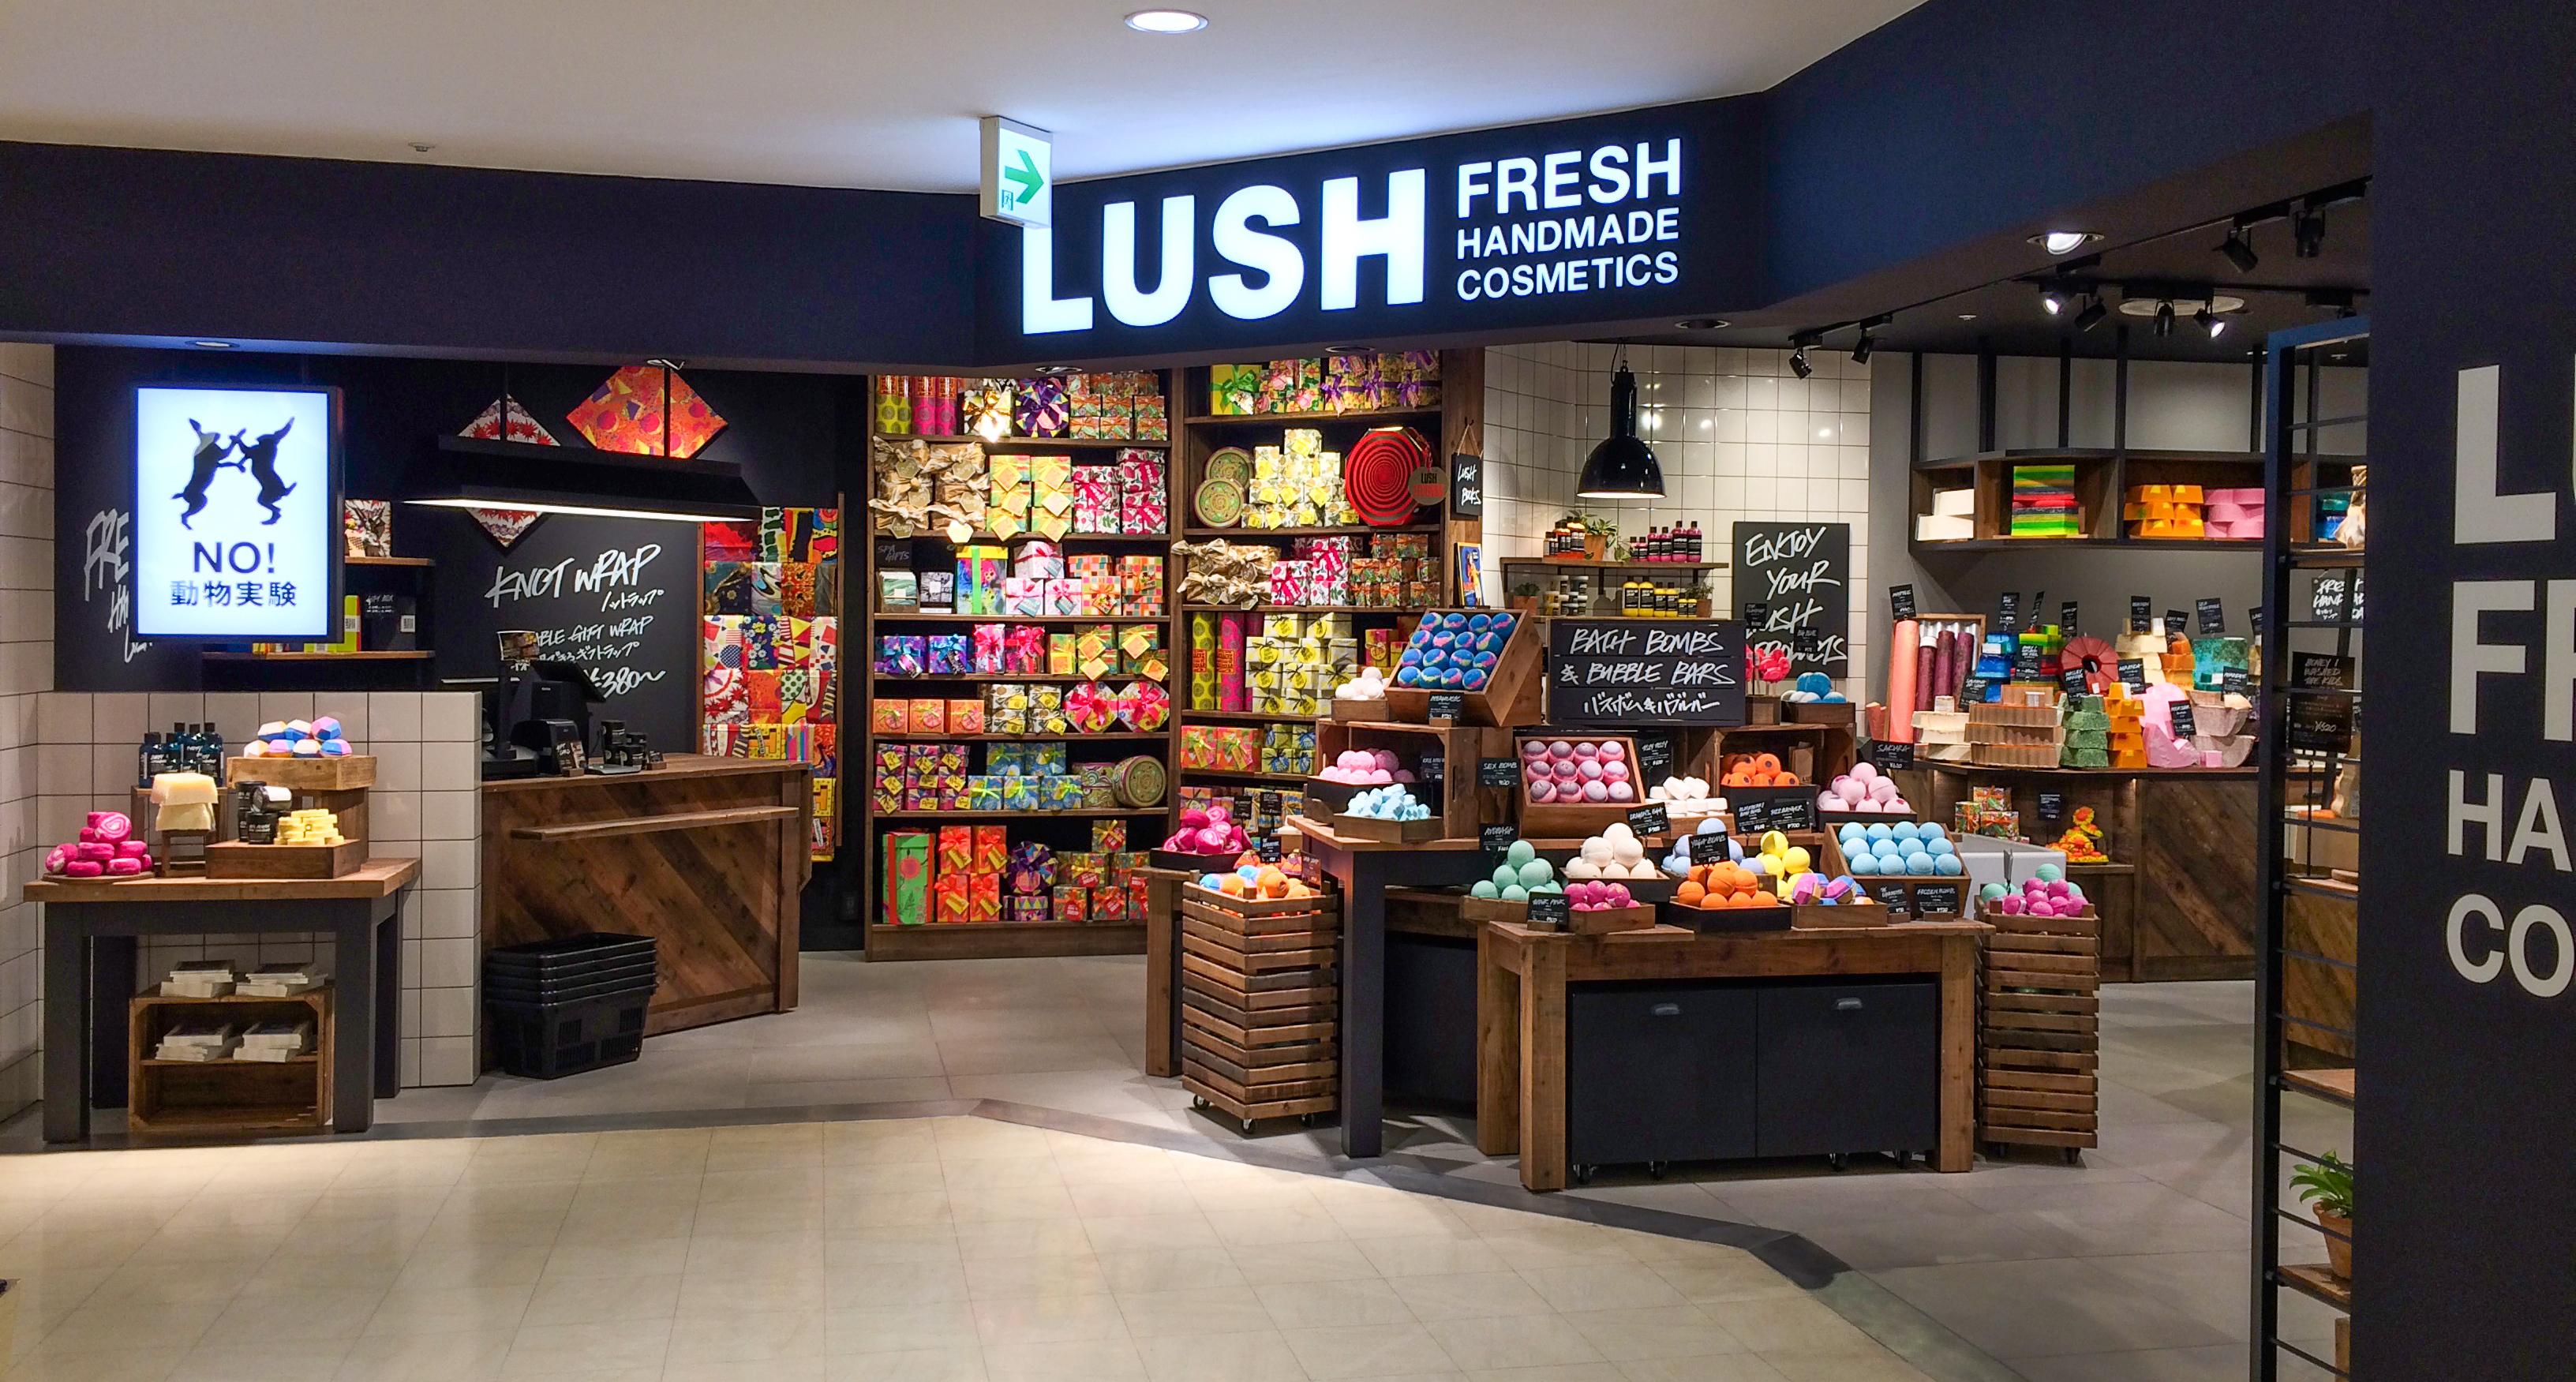 Cosmetics Fresh Lush Handmade